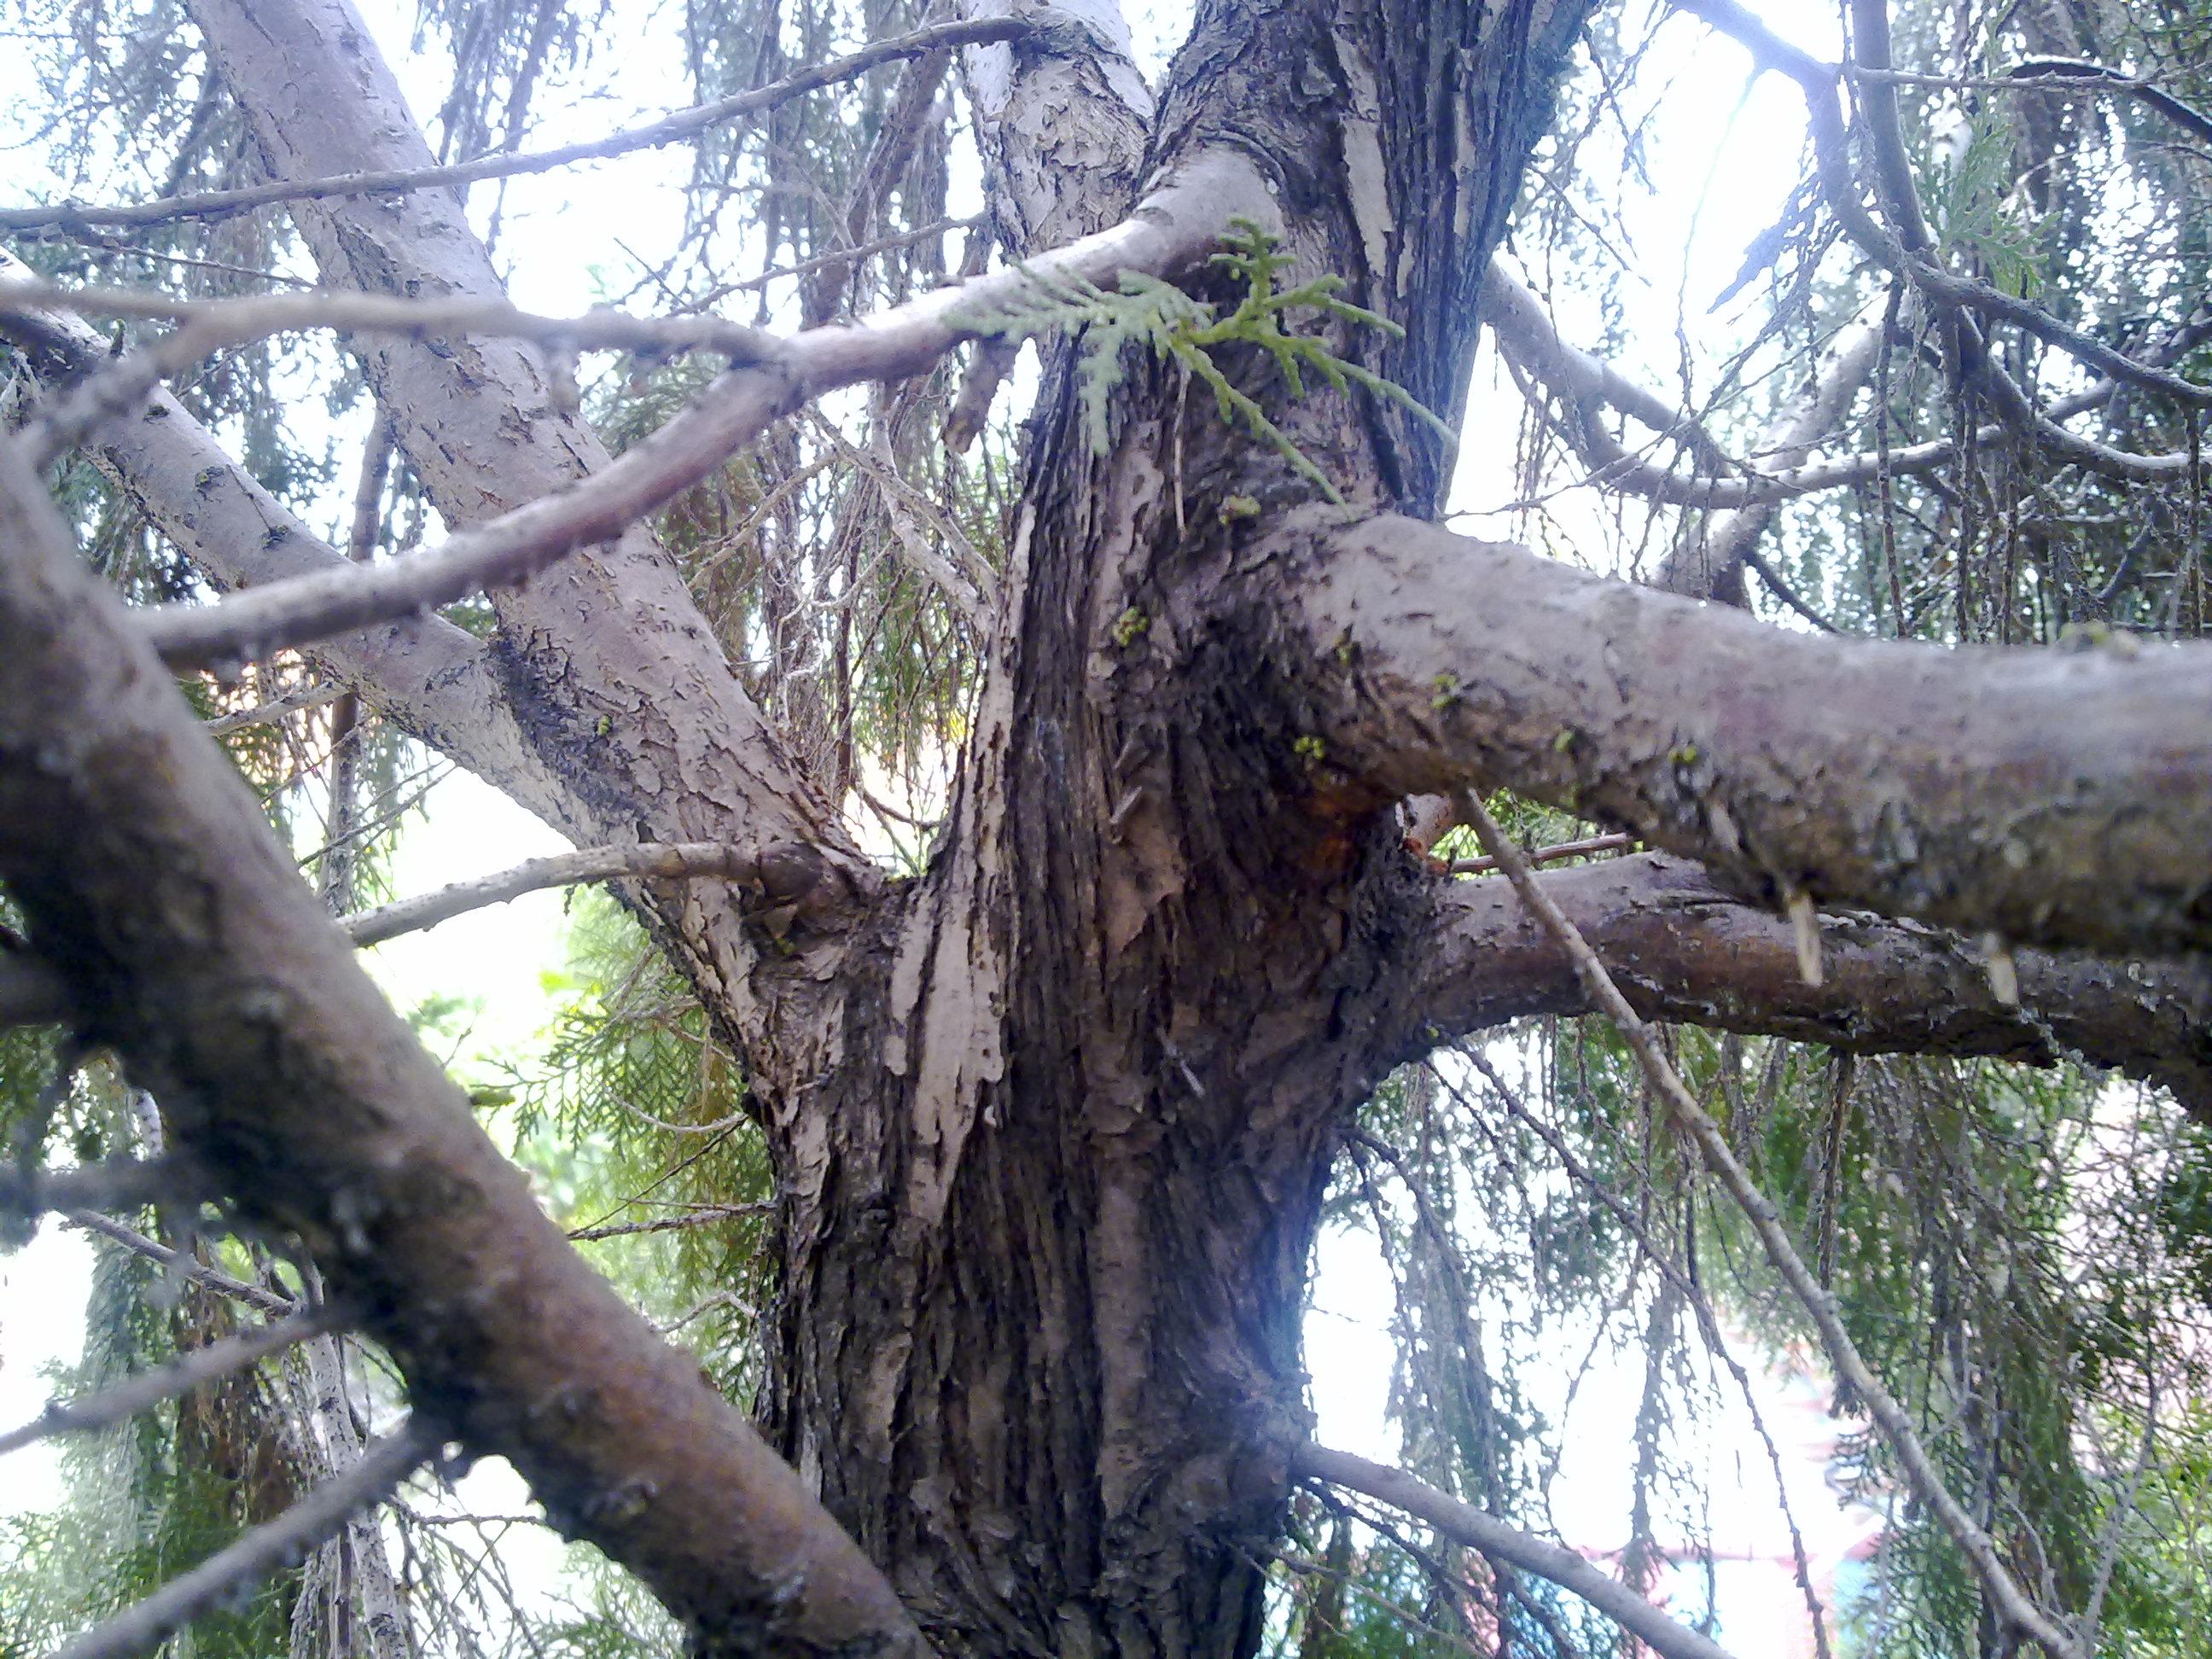 Beginilah rasanya di atas Pohon Cemara – Foto Gambar Pohon Cemara